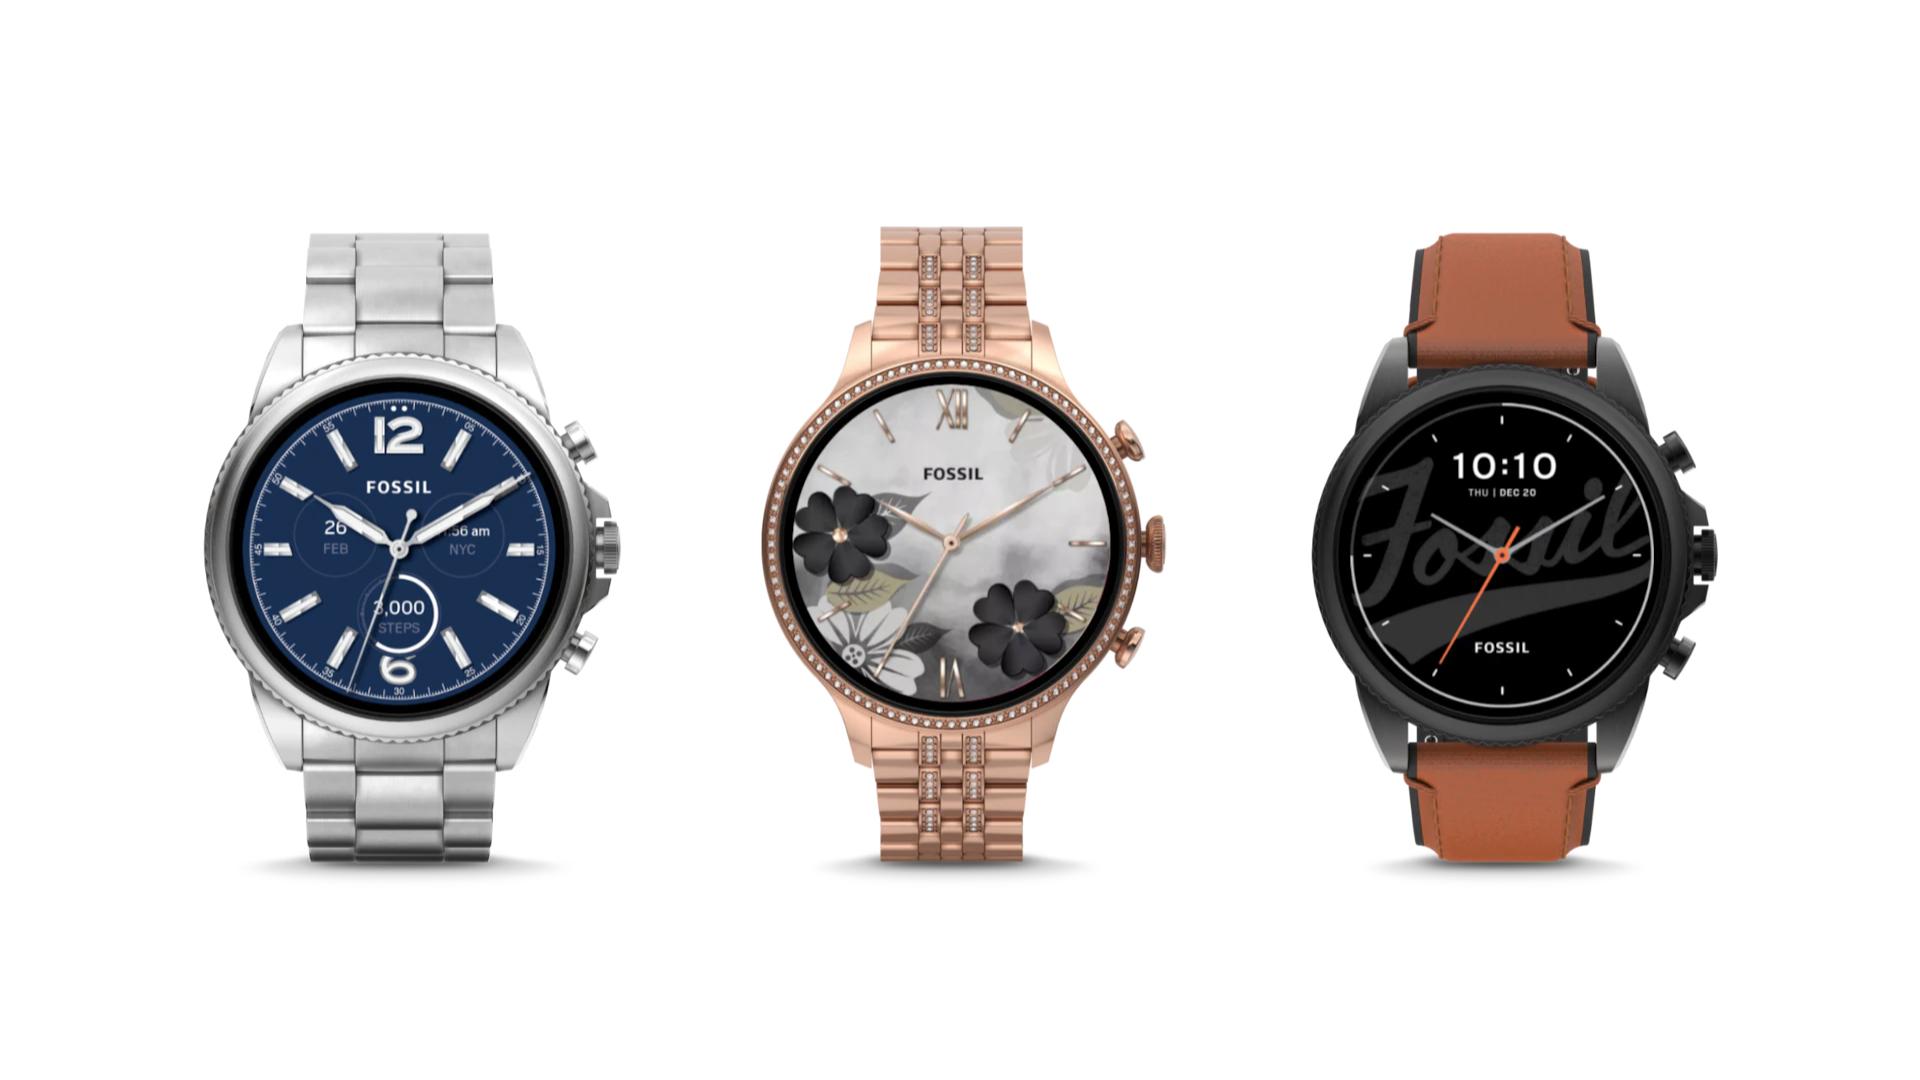 Fossil annonce ses nouvelles montres destinées à accueillir Wear OS 3